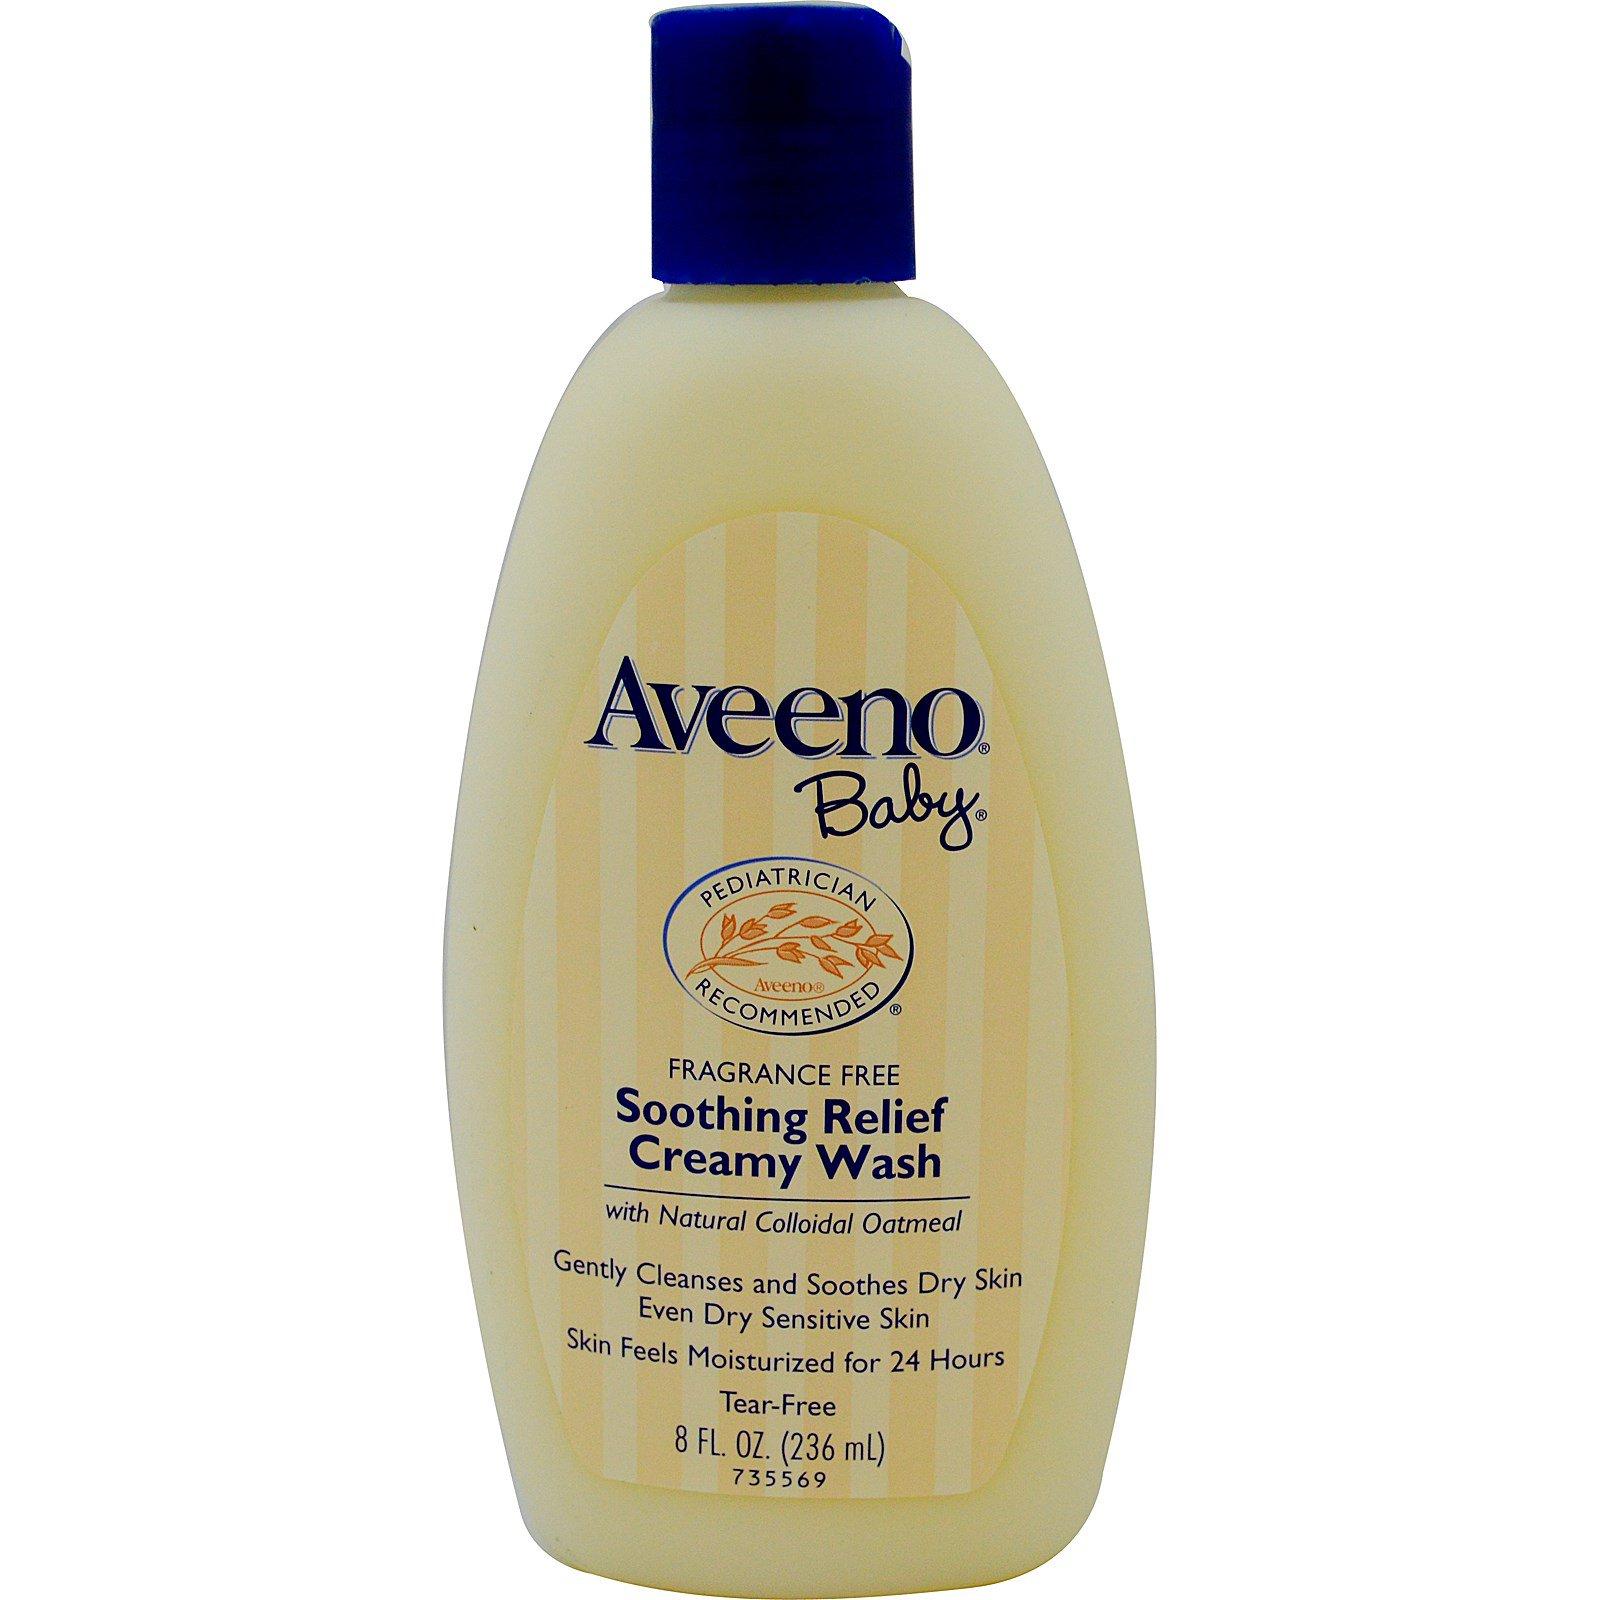 Aveeno, Продукция для детей, Успокаивающий крем-гель, без ароматизаторов, 8 жидких унций (236 мл)